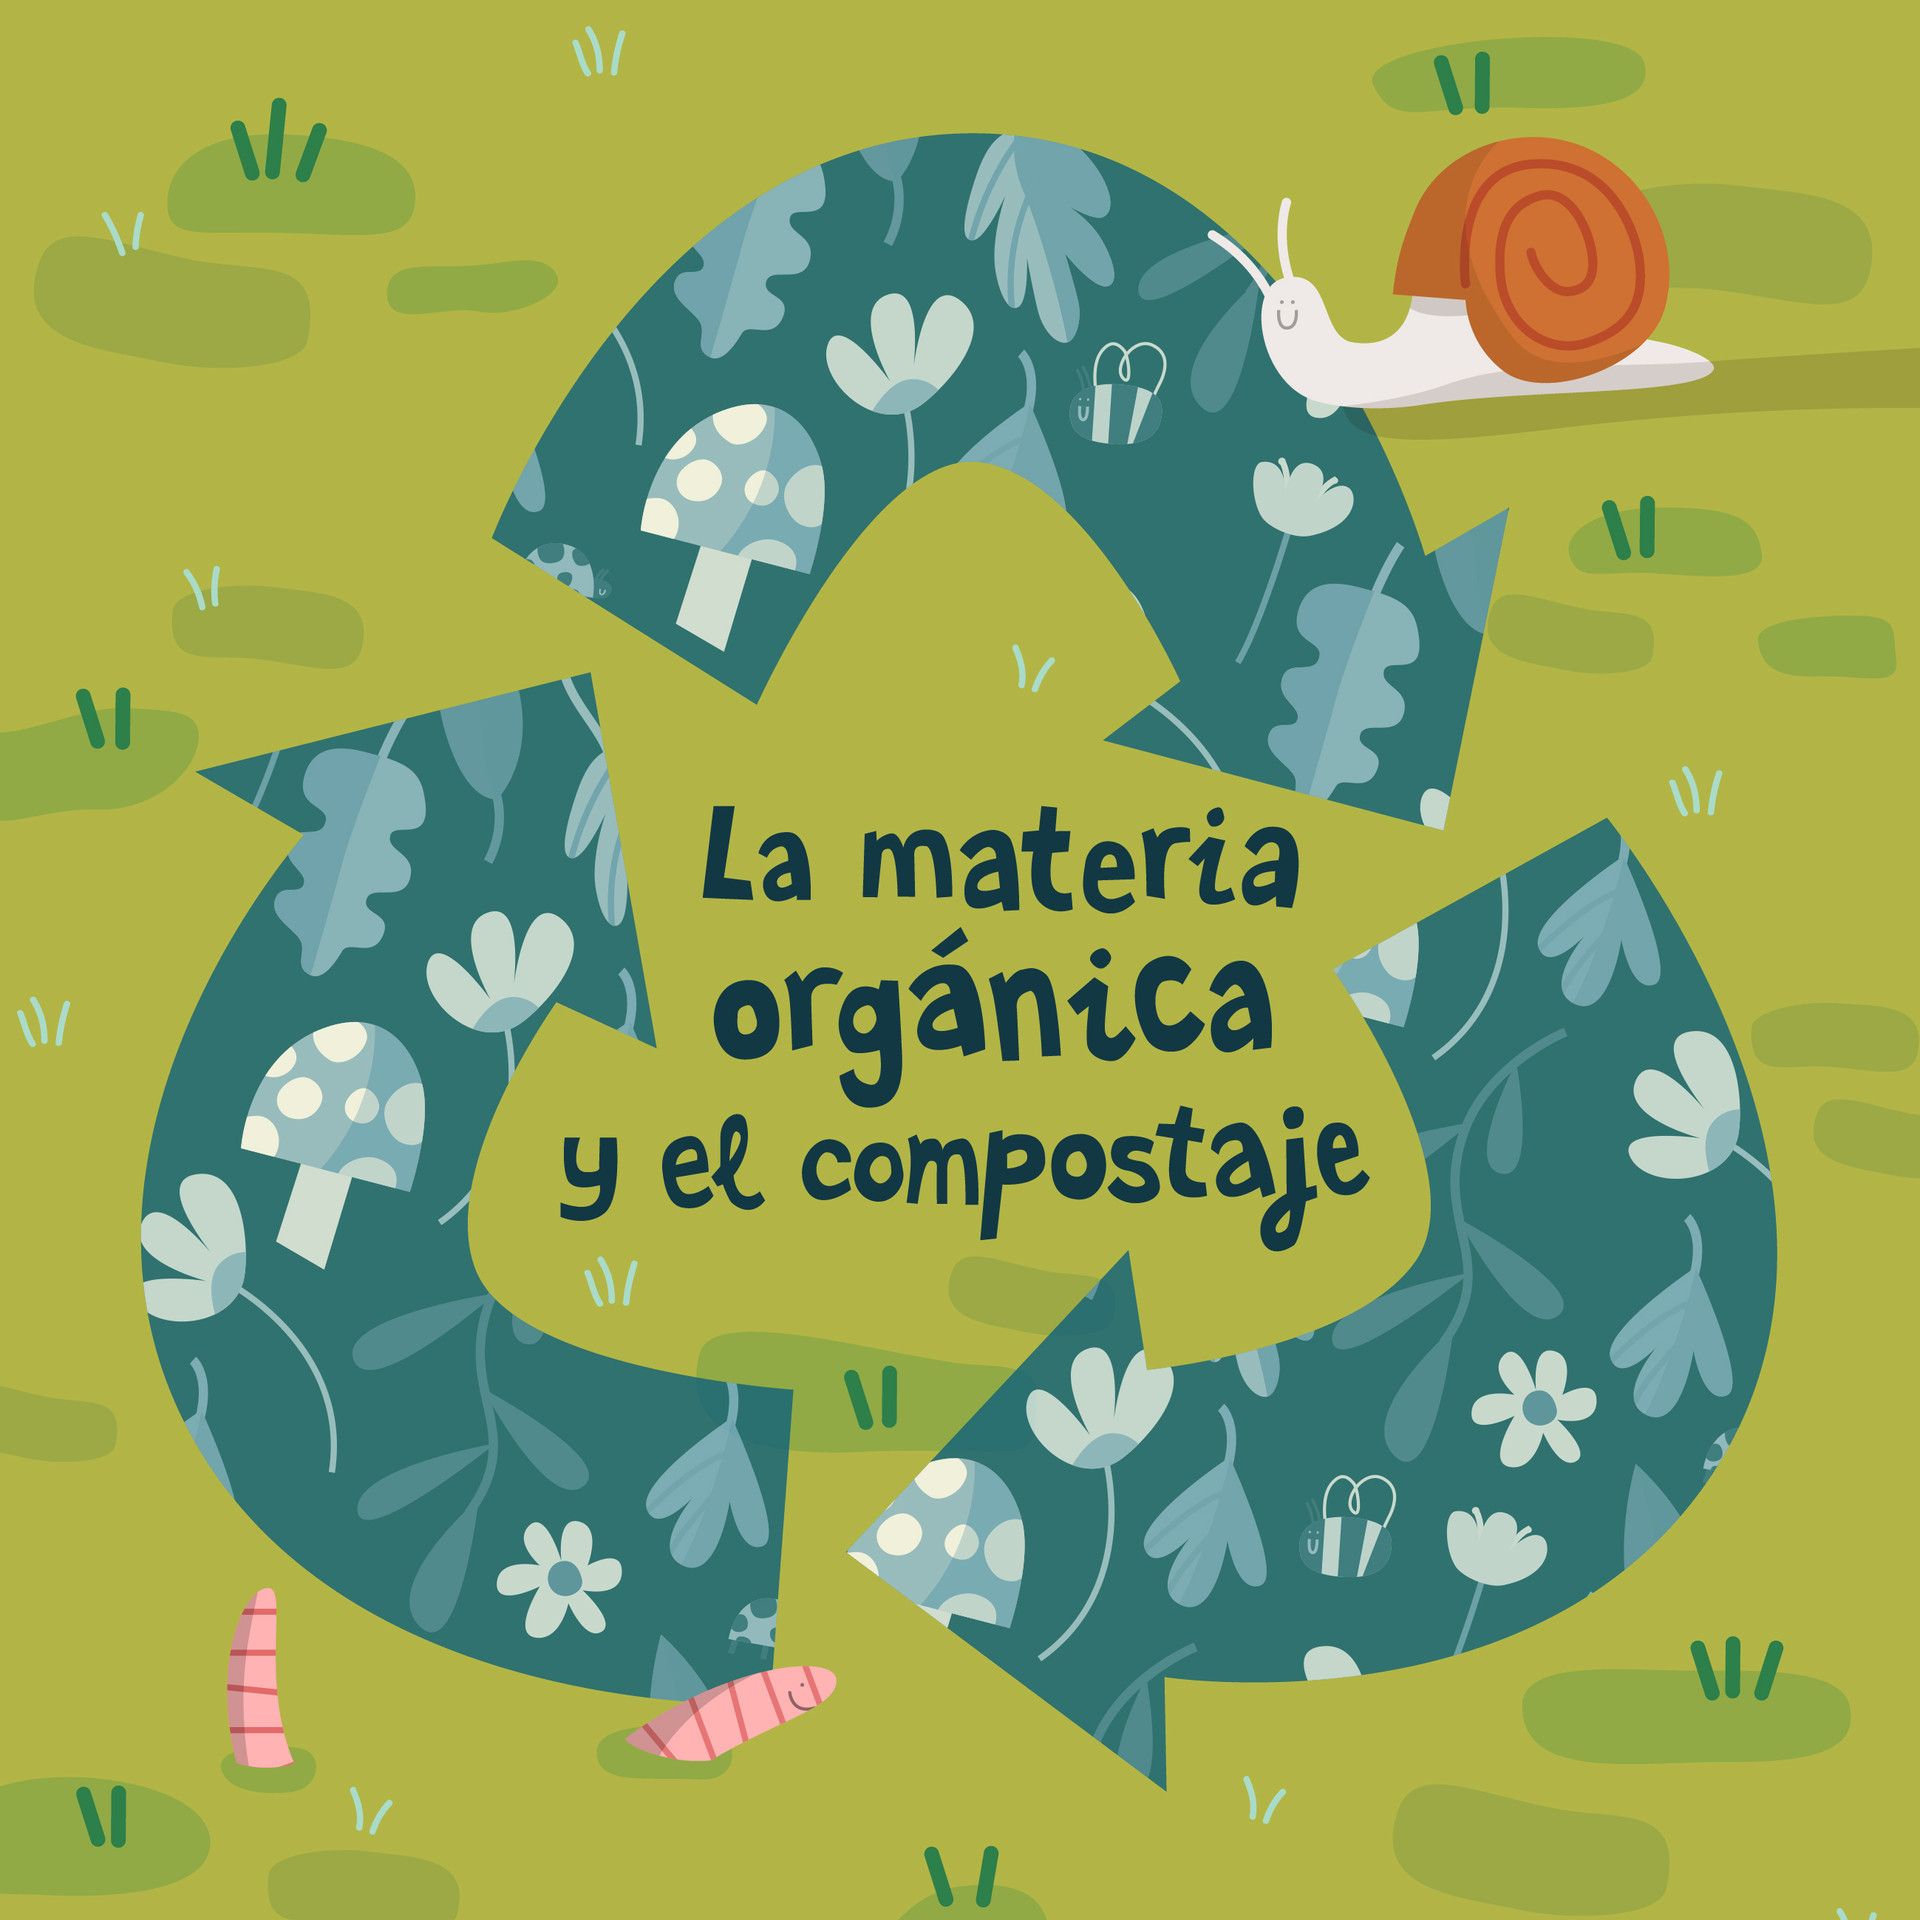 La materia orgánica - colouring book